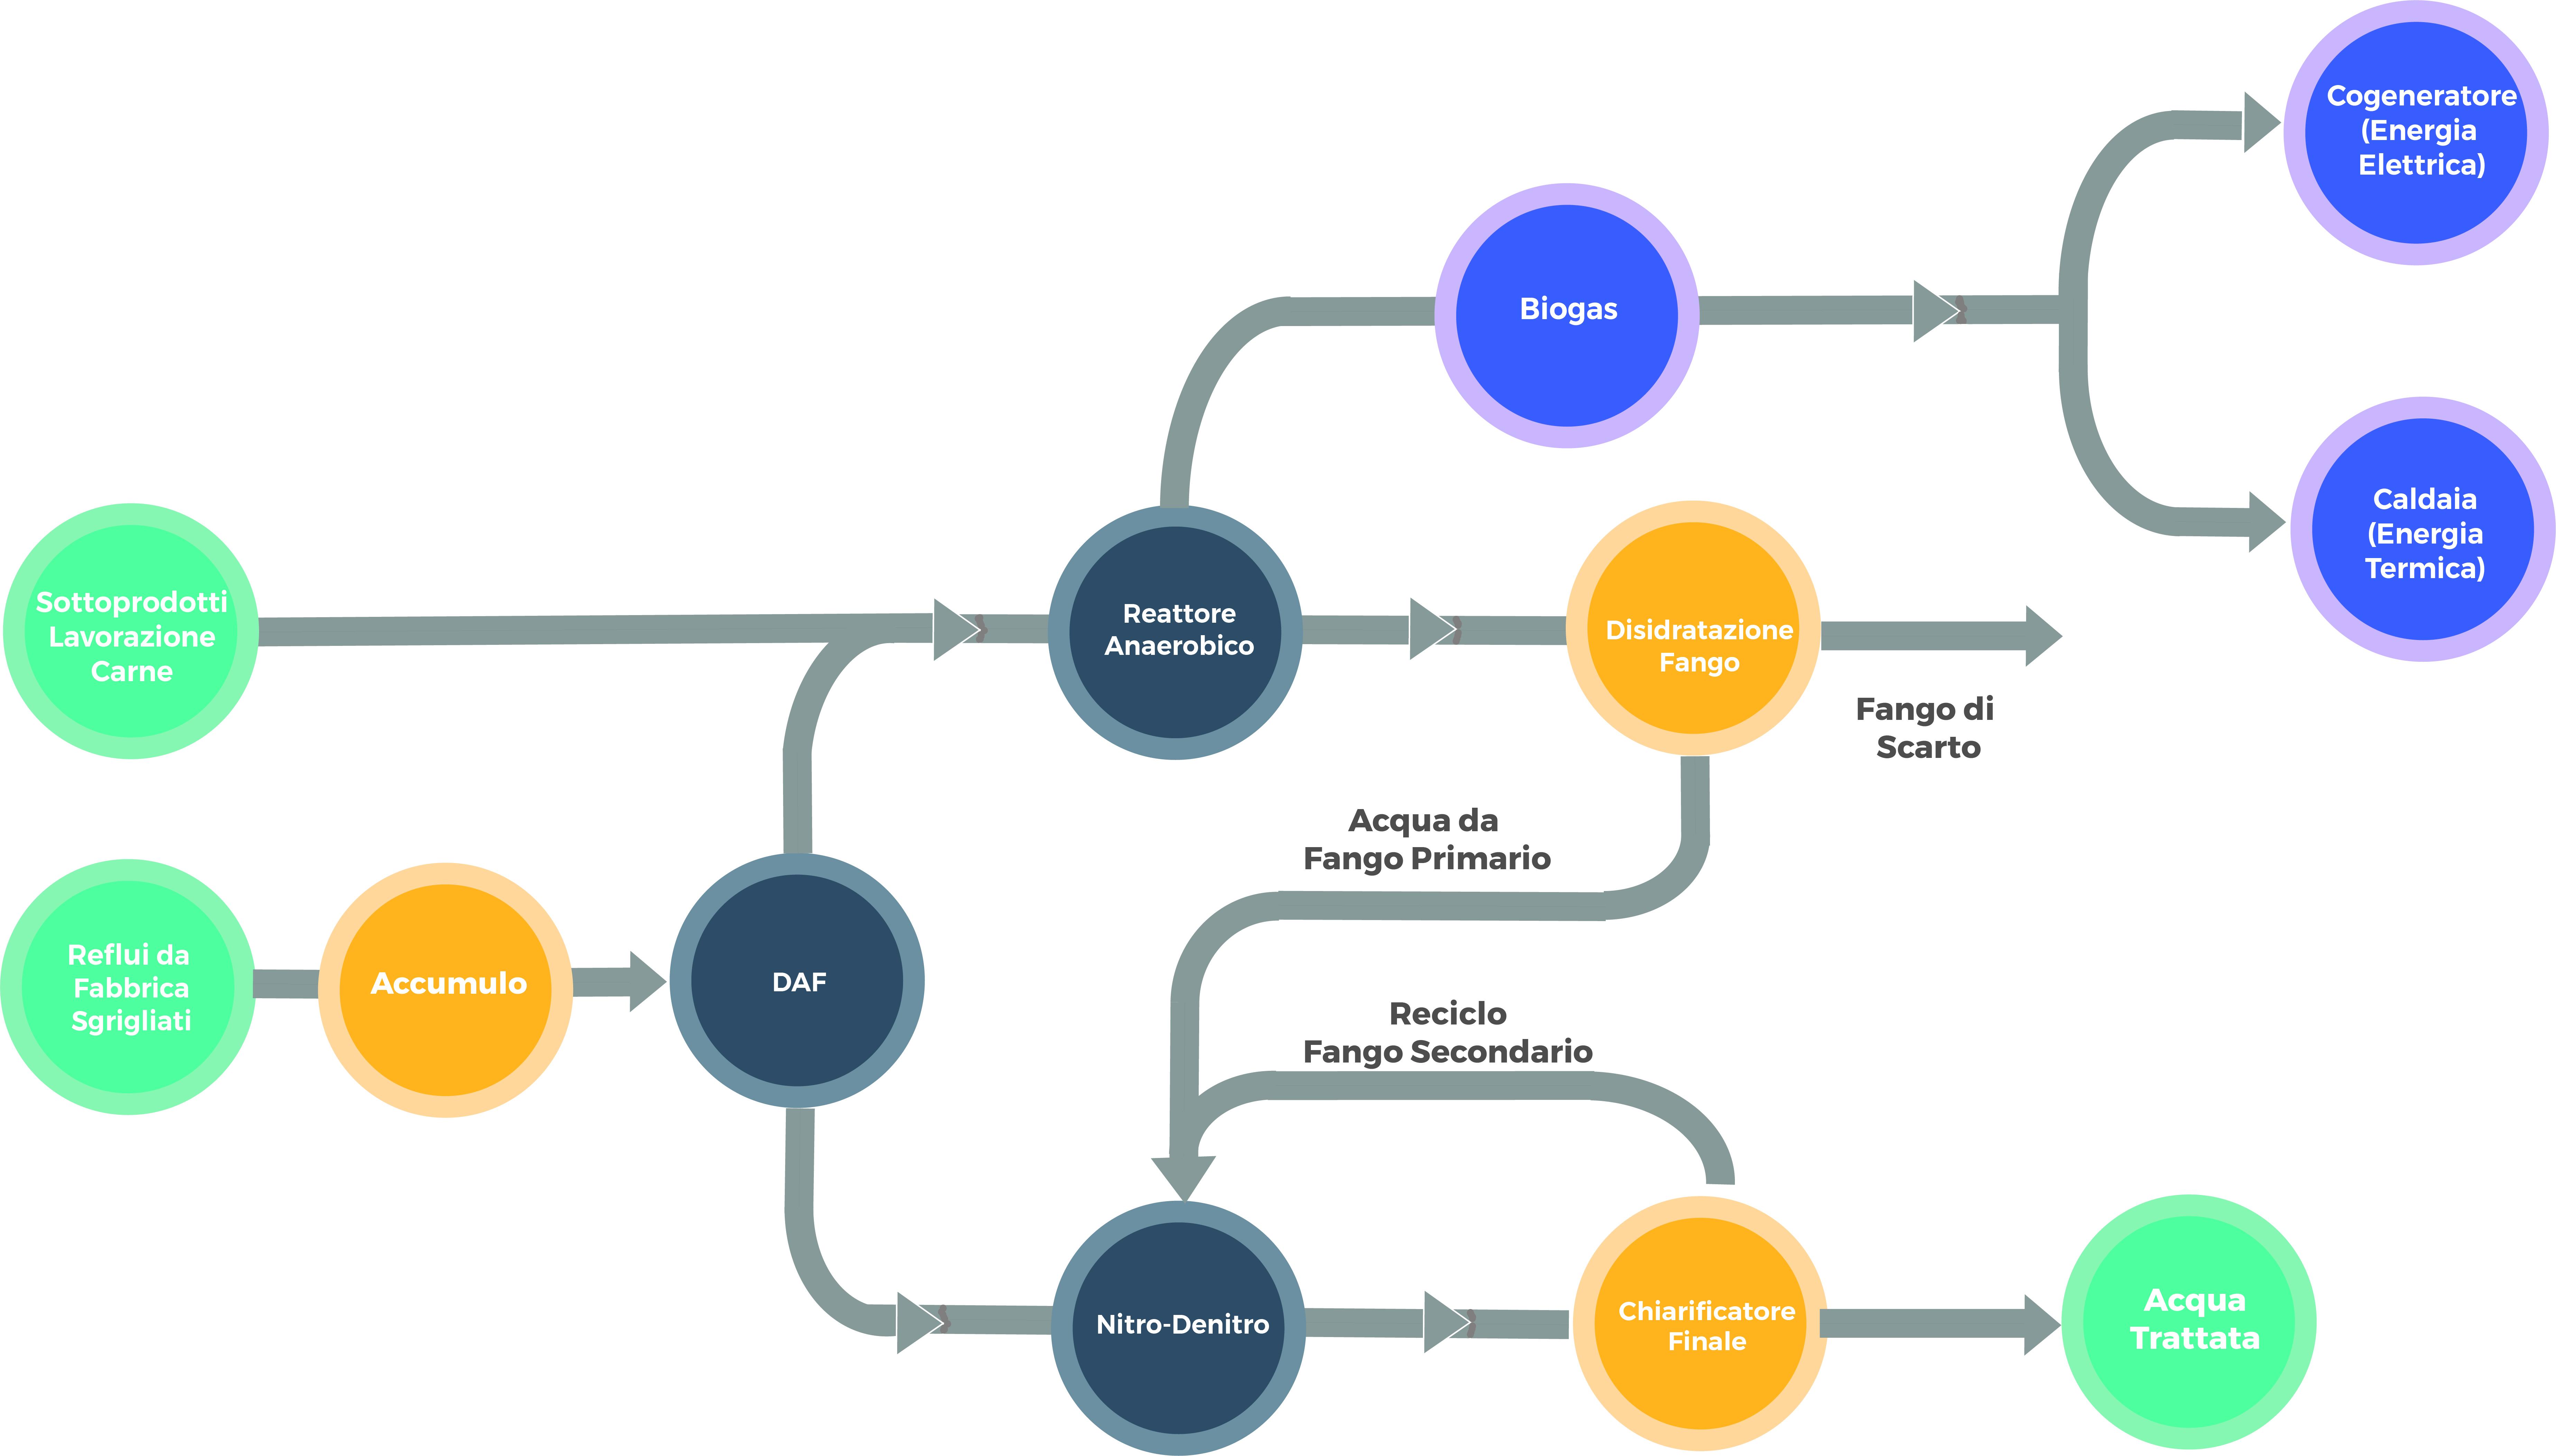 Processo di trattamento Waste-to-Energy per la lavorazione di carne e pesce